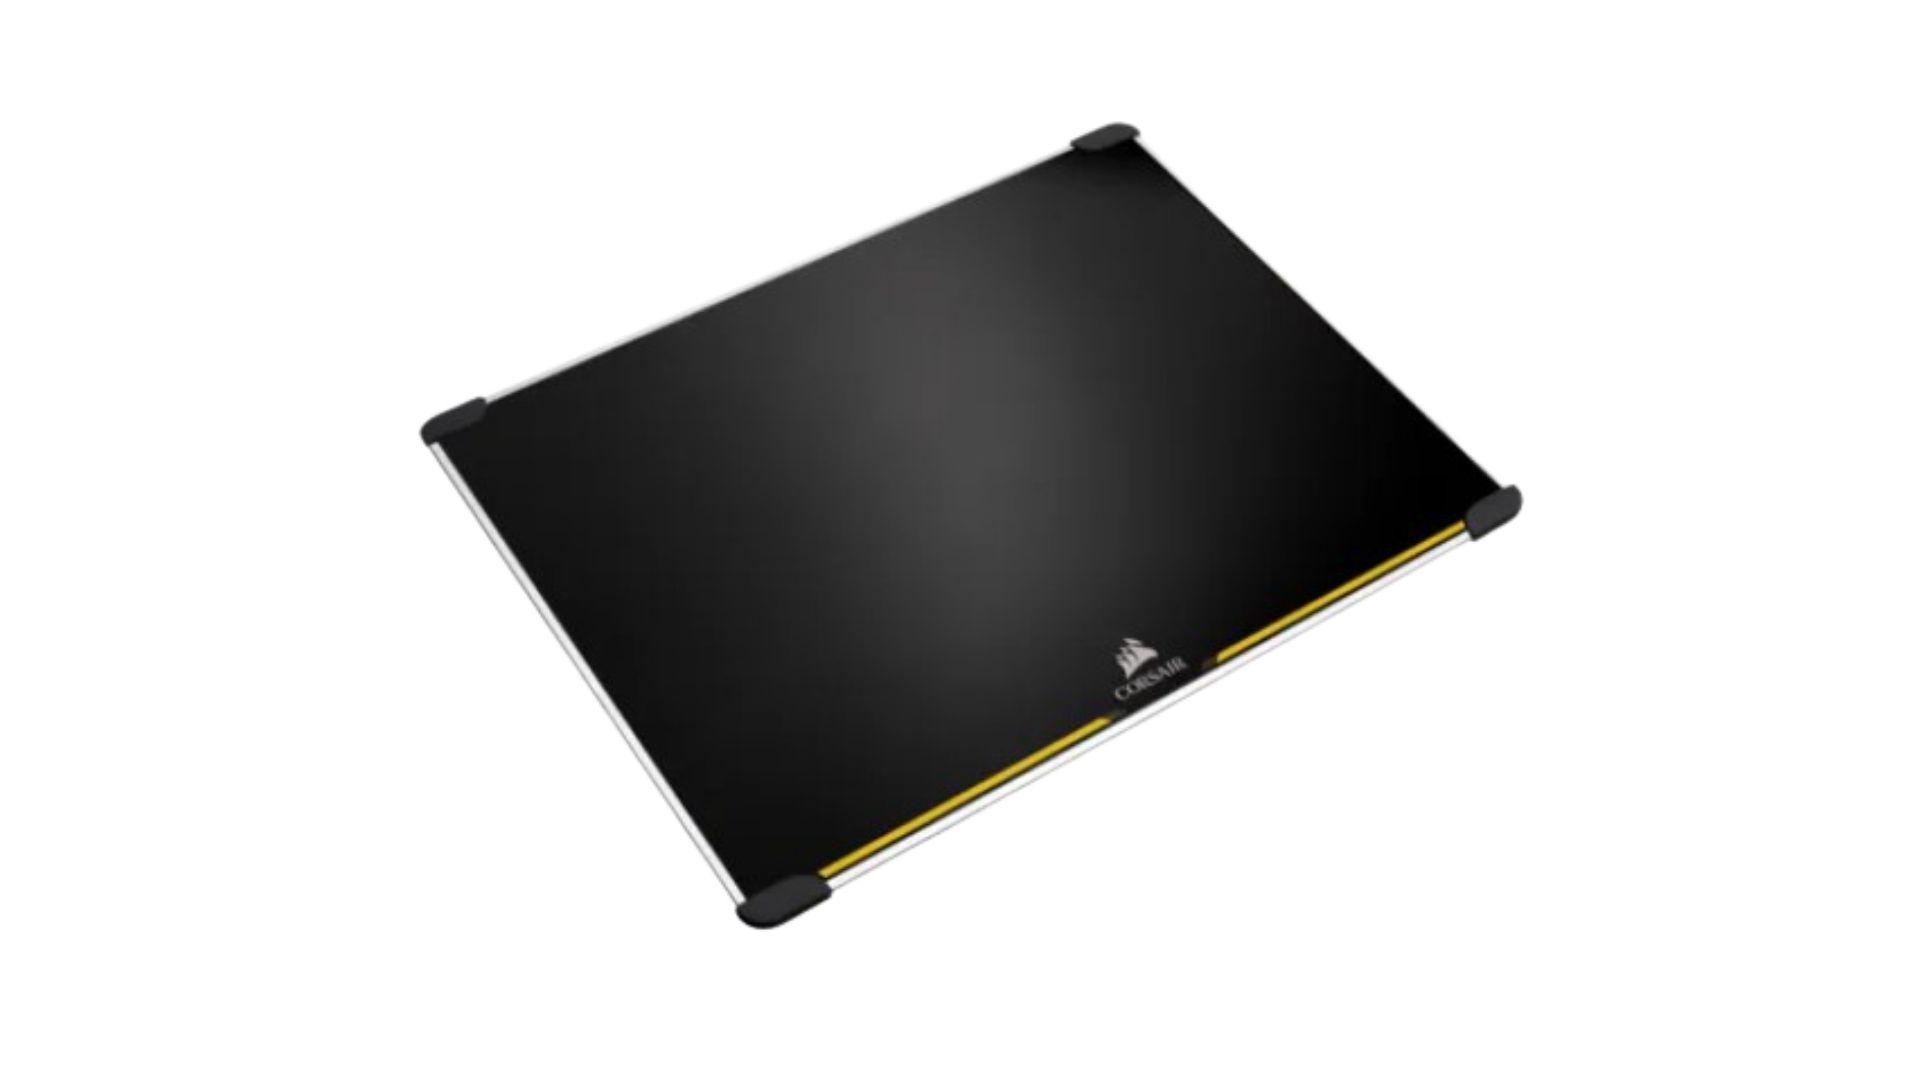 Corsair MM600 é um mouse pad gamer com estrutura rígida e durável (Foto: Divulgação/Corsair)